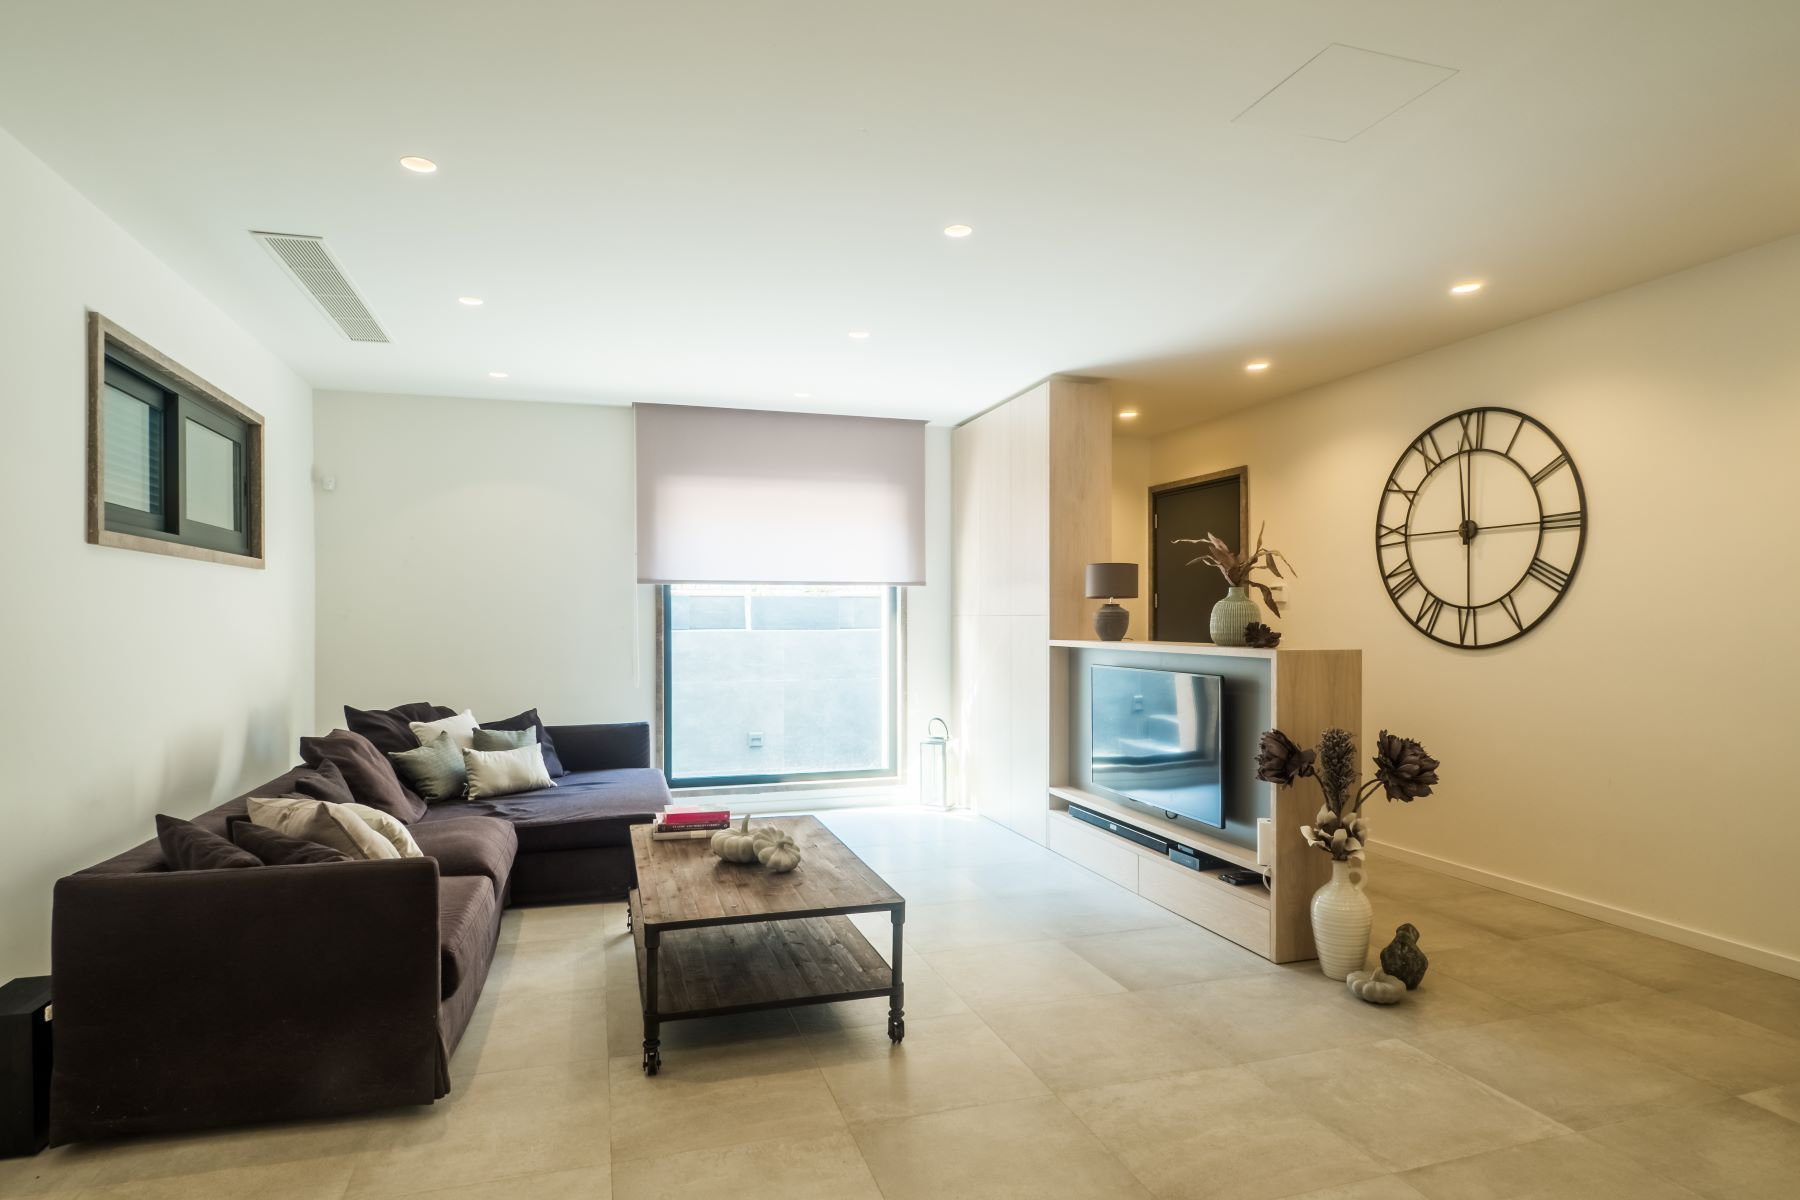 Apartment for Rent at Ground floor apartment St. Julian's, Malta Malta